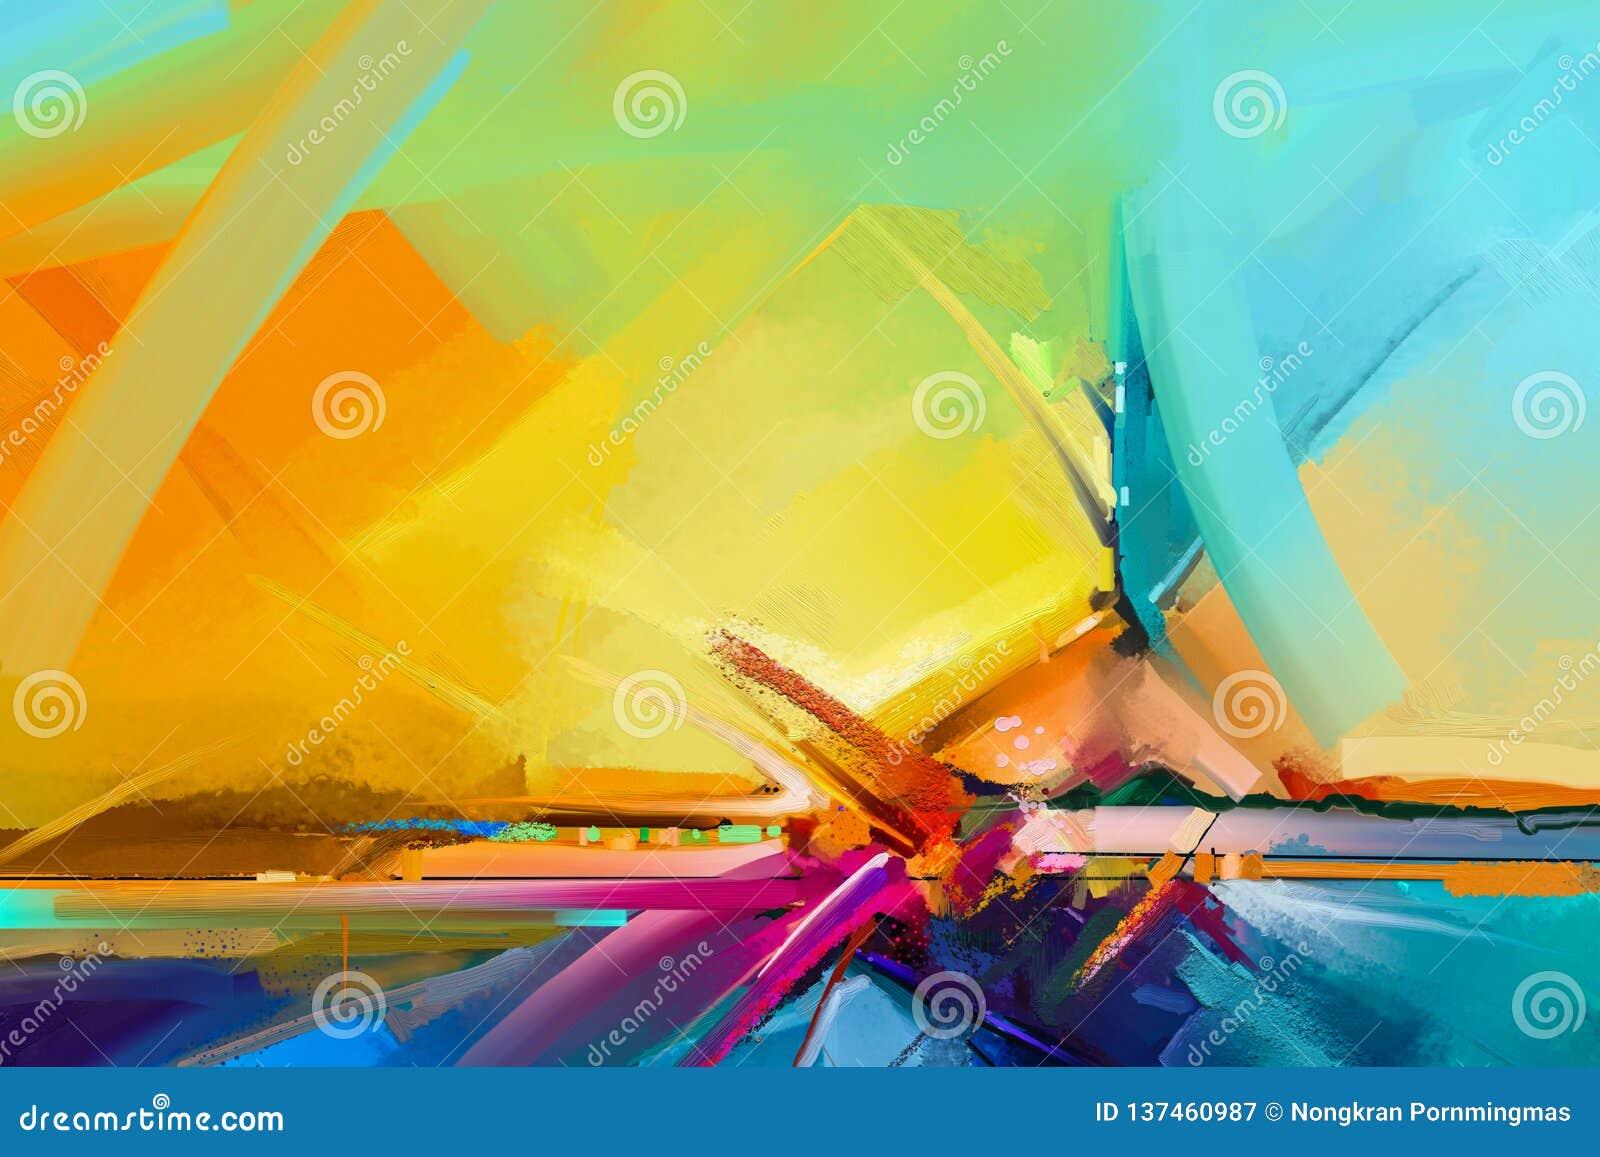 Image Semi Abstraite De Fond De Peinture De Paysage Peintures